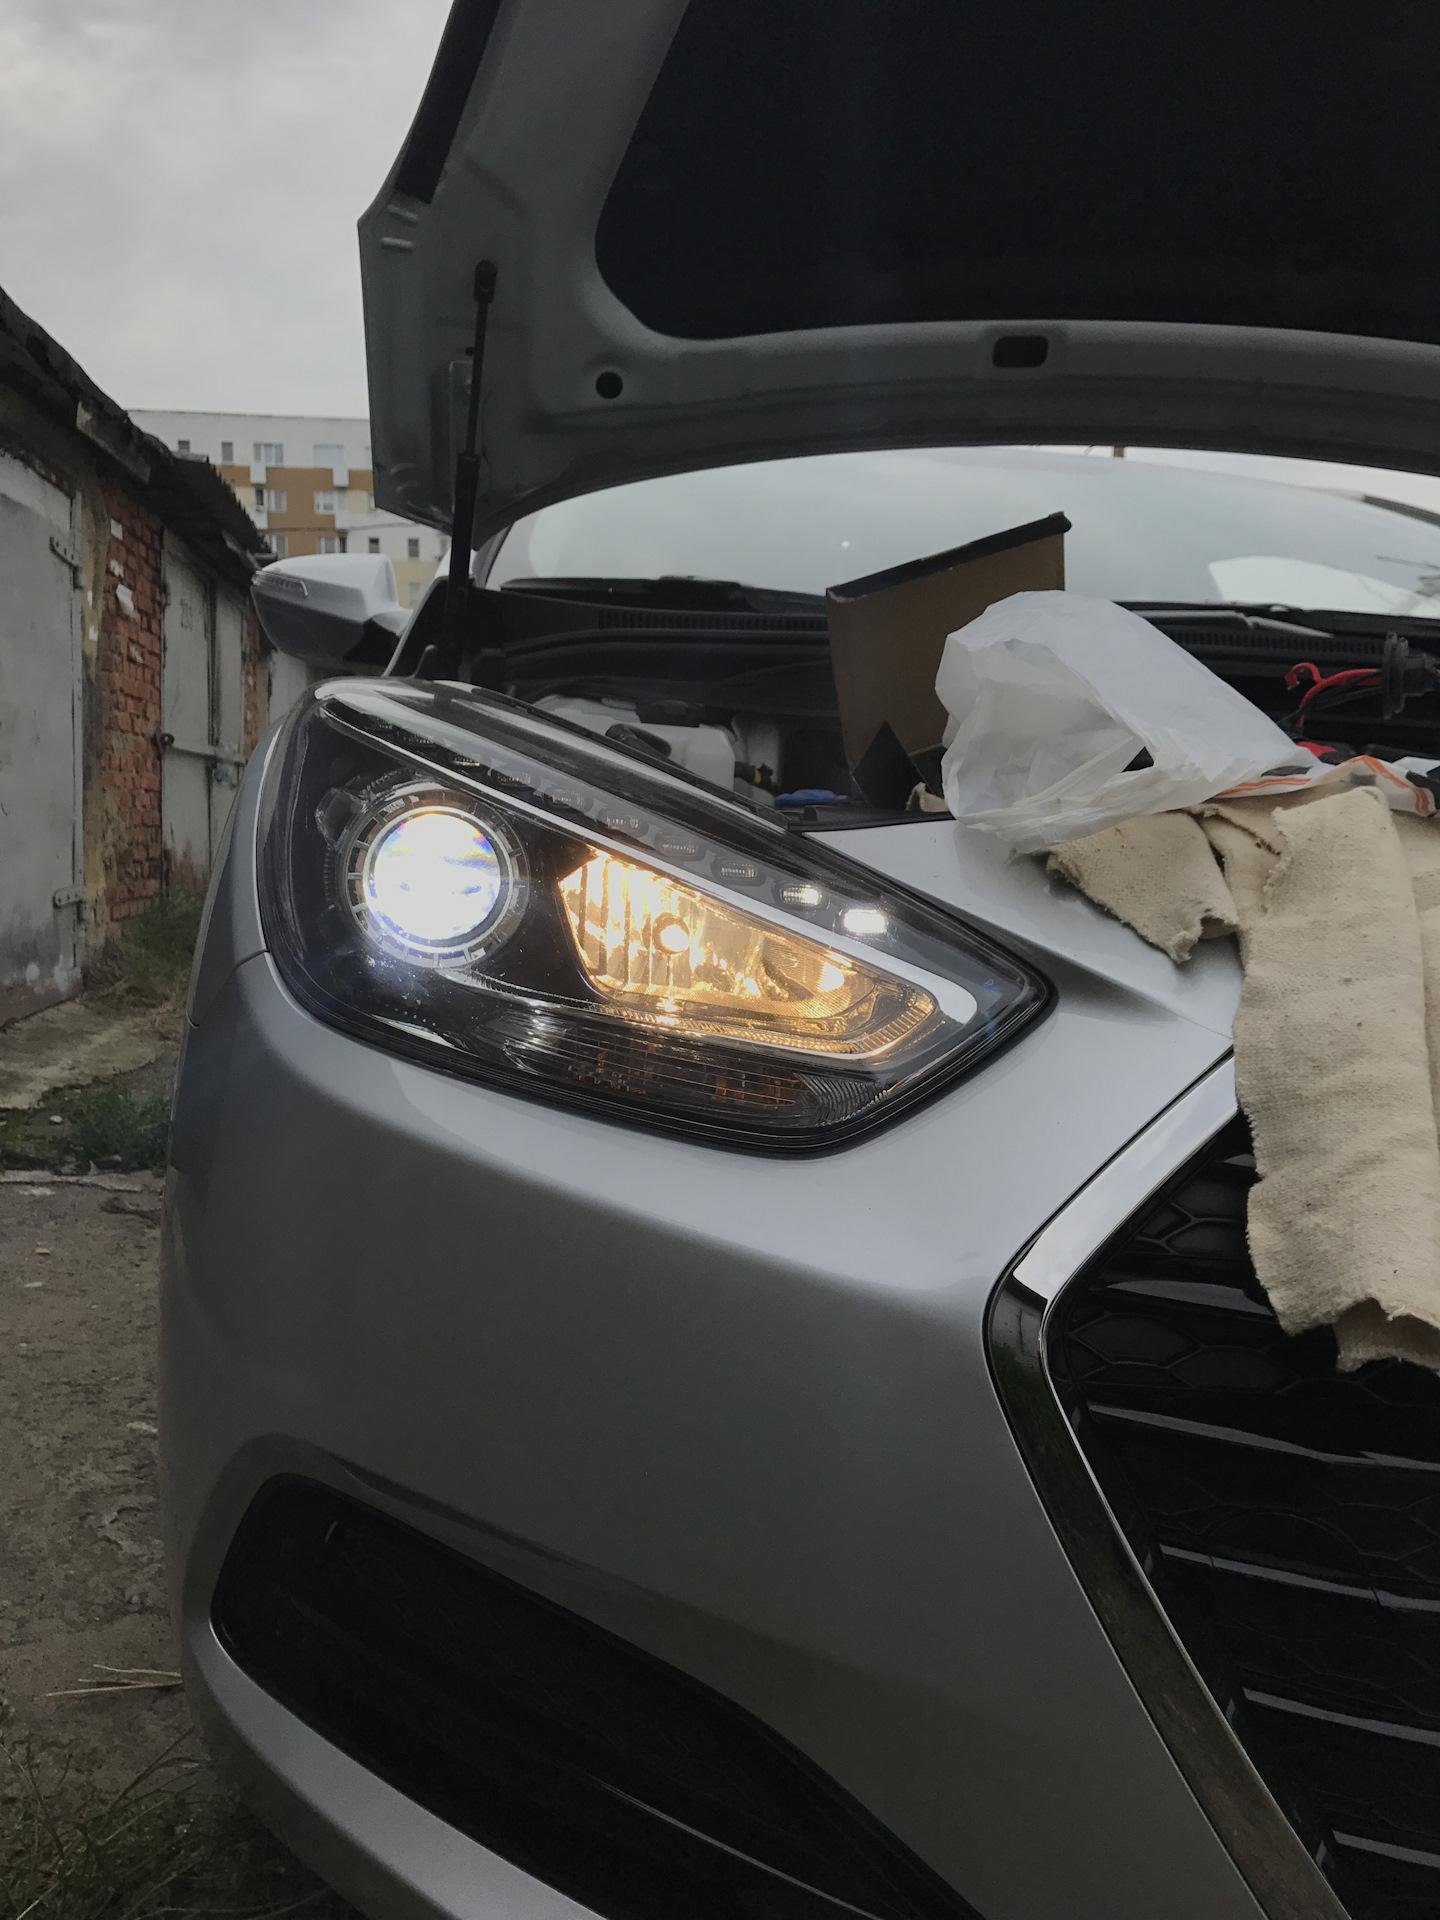 Замена лампы дальнего света hyundai i40 Регулировка троса ручного тормоза форд фокус 2 цена